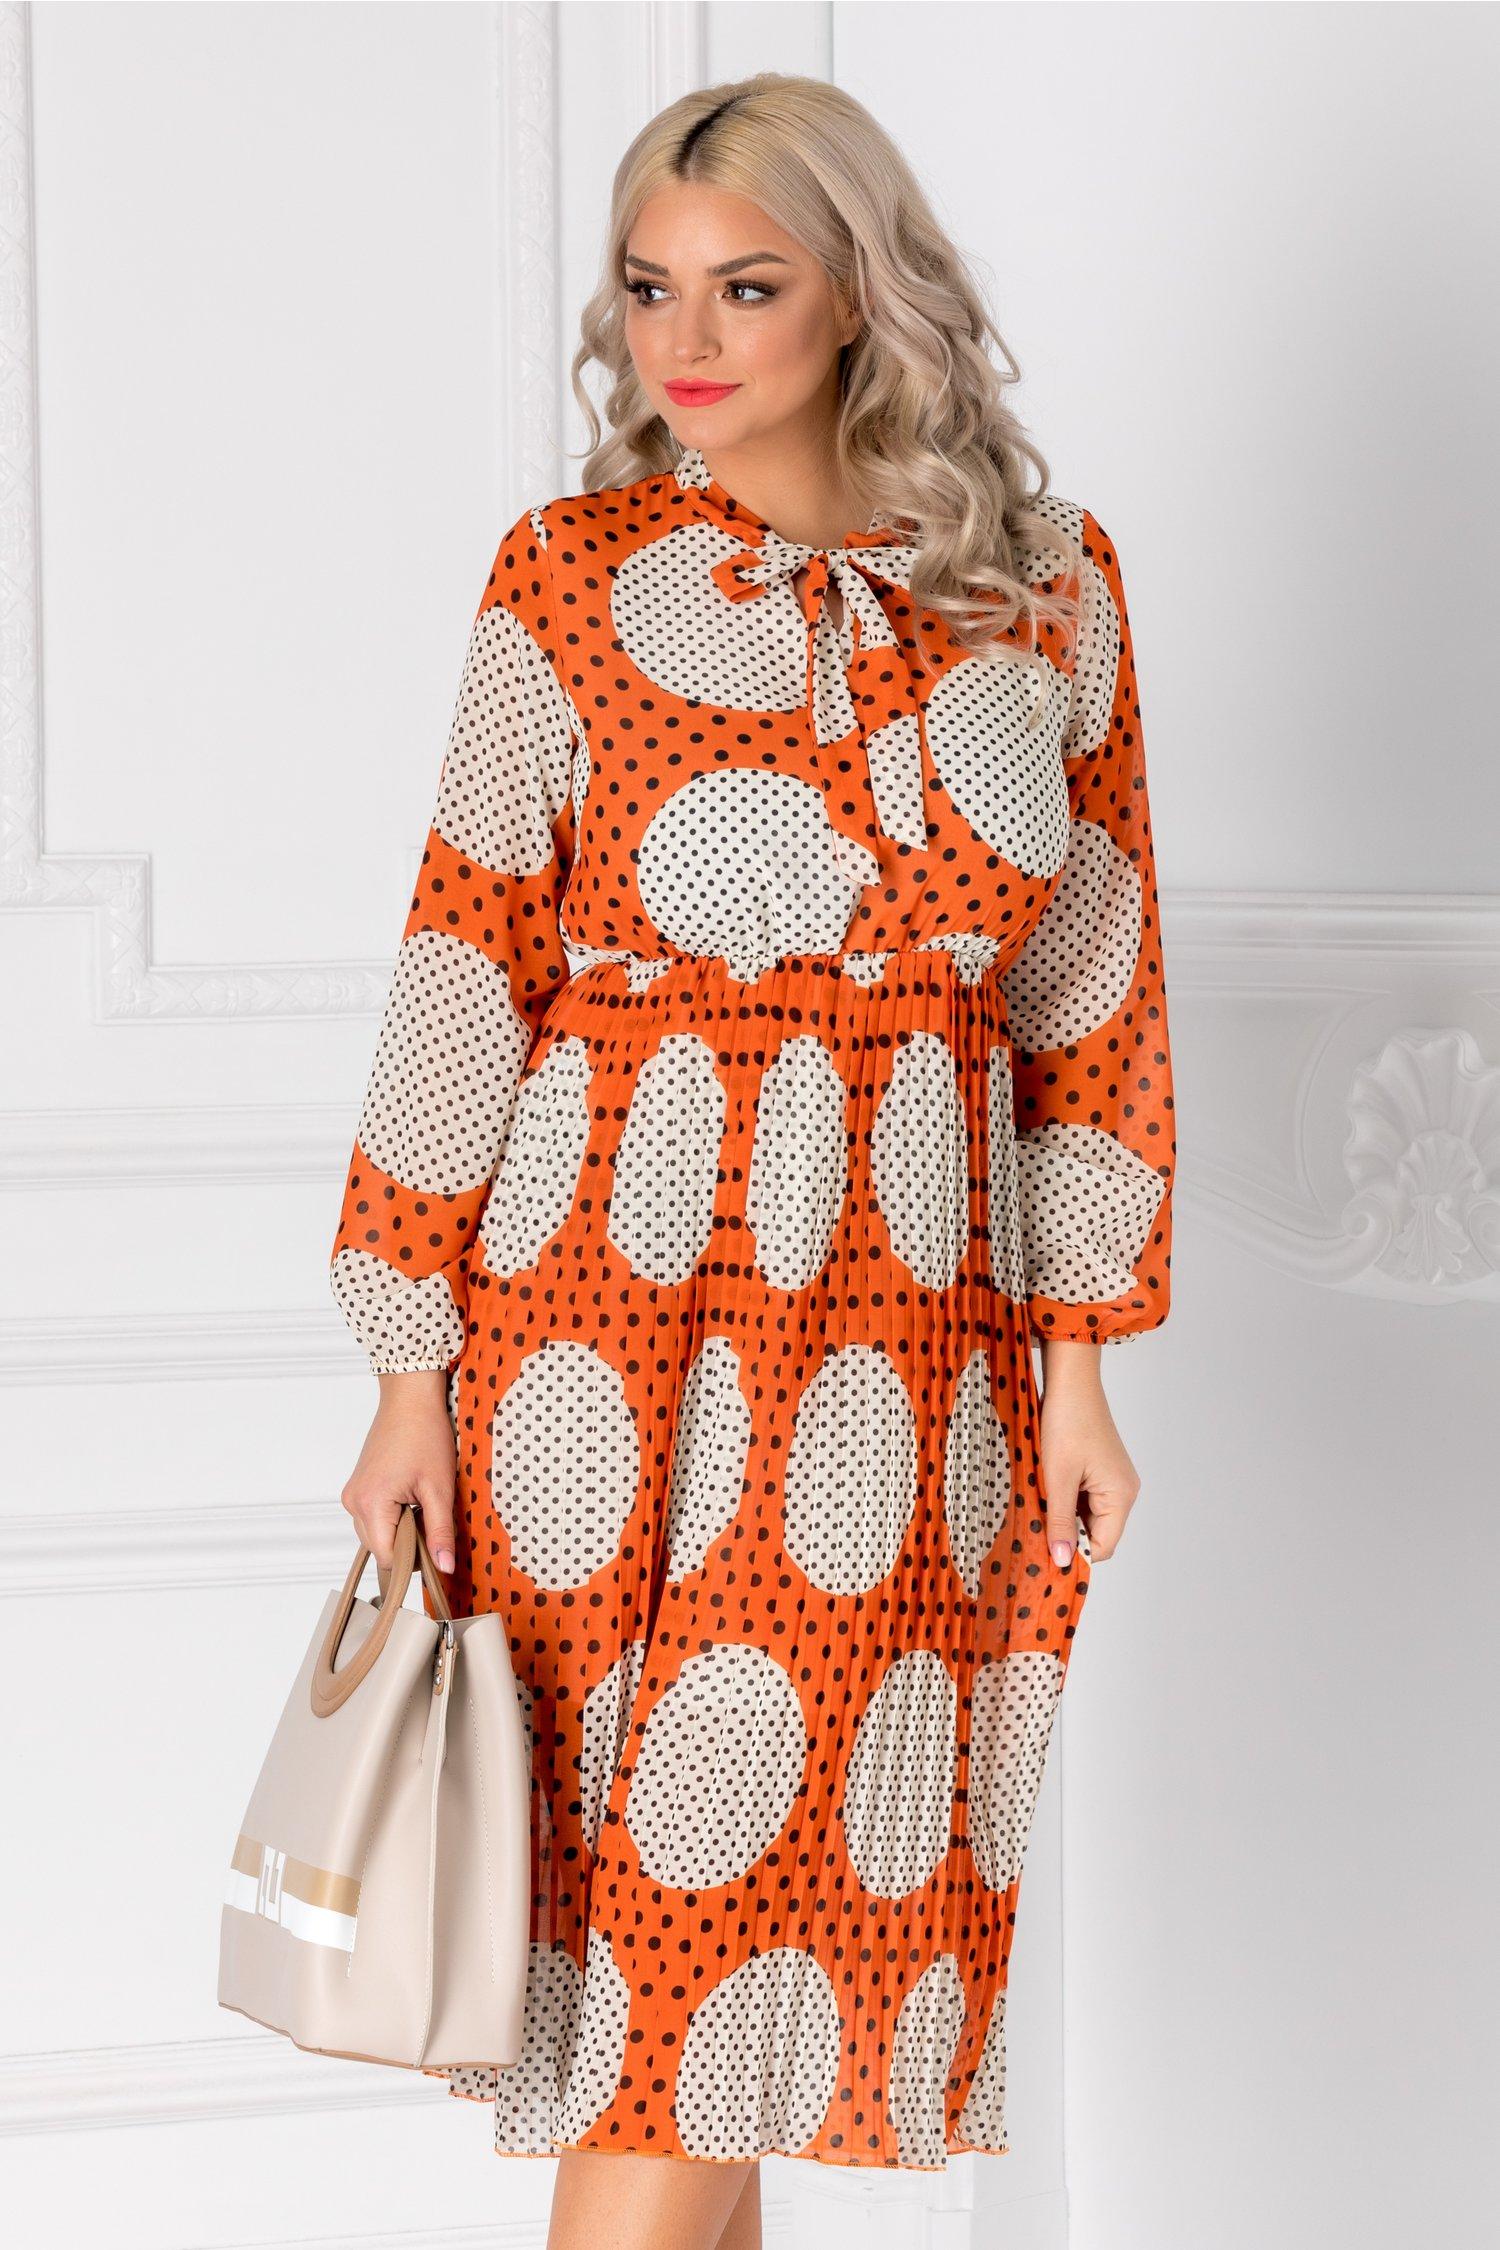 Rochie Vedda orange cu buline maxi ivoire